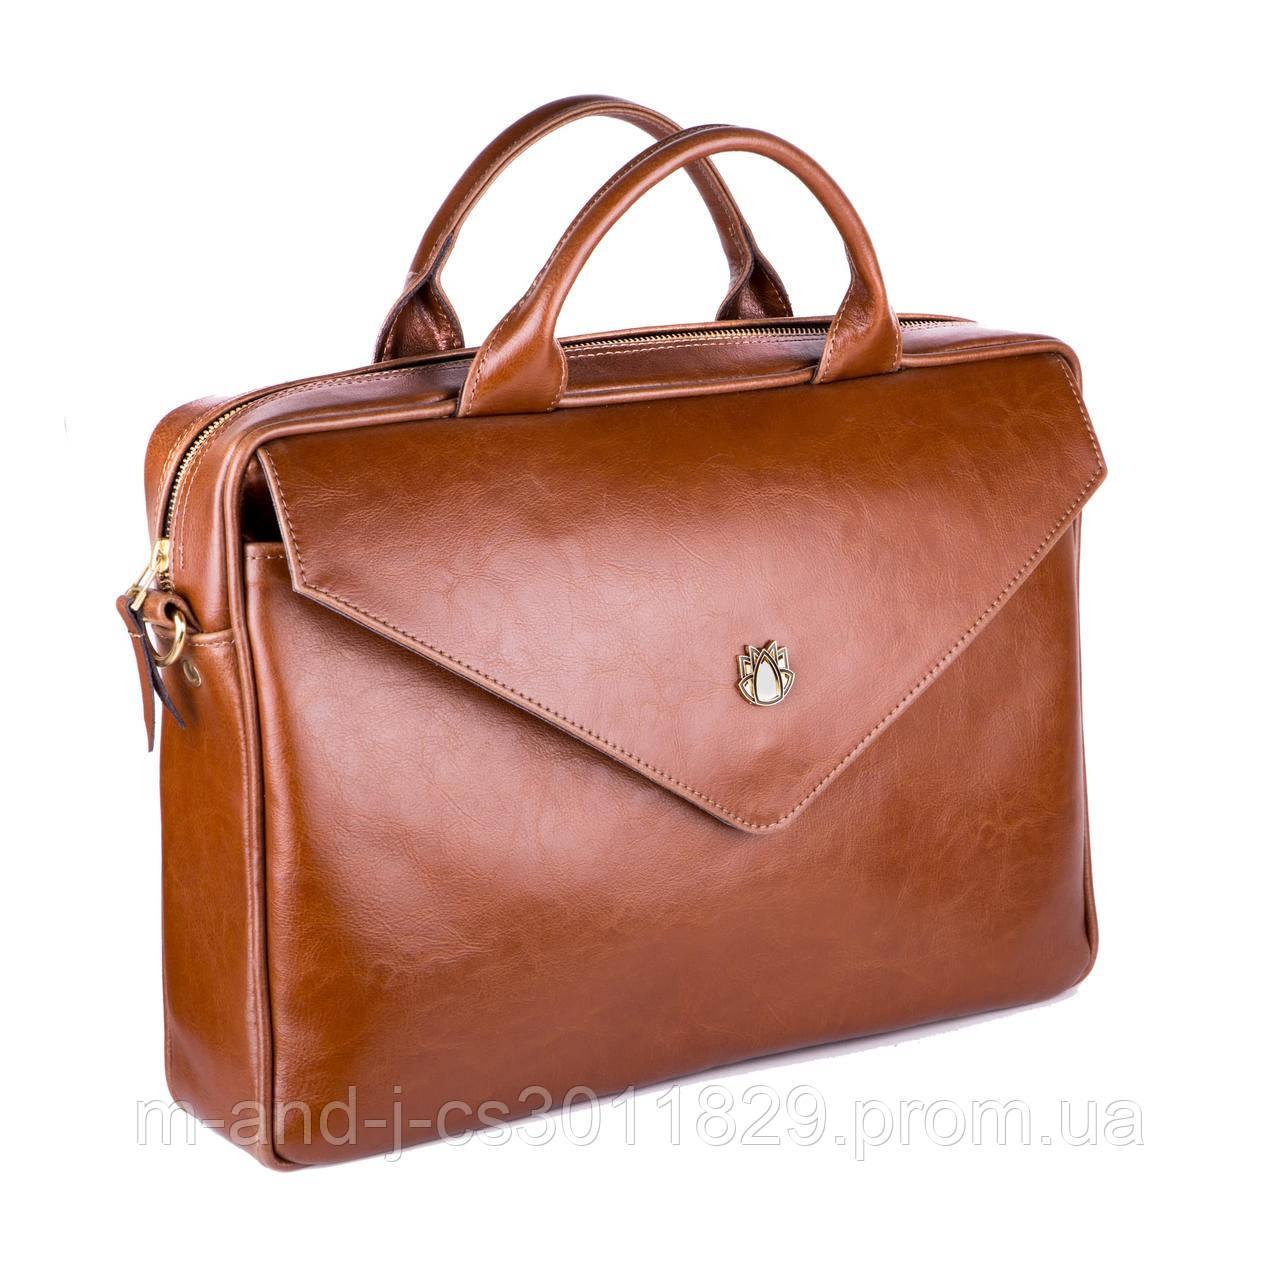 37aa4dff19f9 Кожаная женская сумка для ноутбука коричневая Felice Fl15 -  Интернет-магазин компании M&J в Харькове